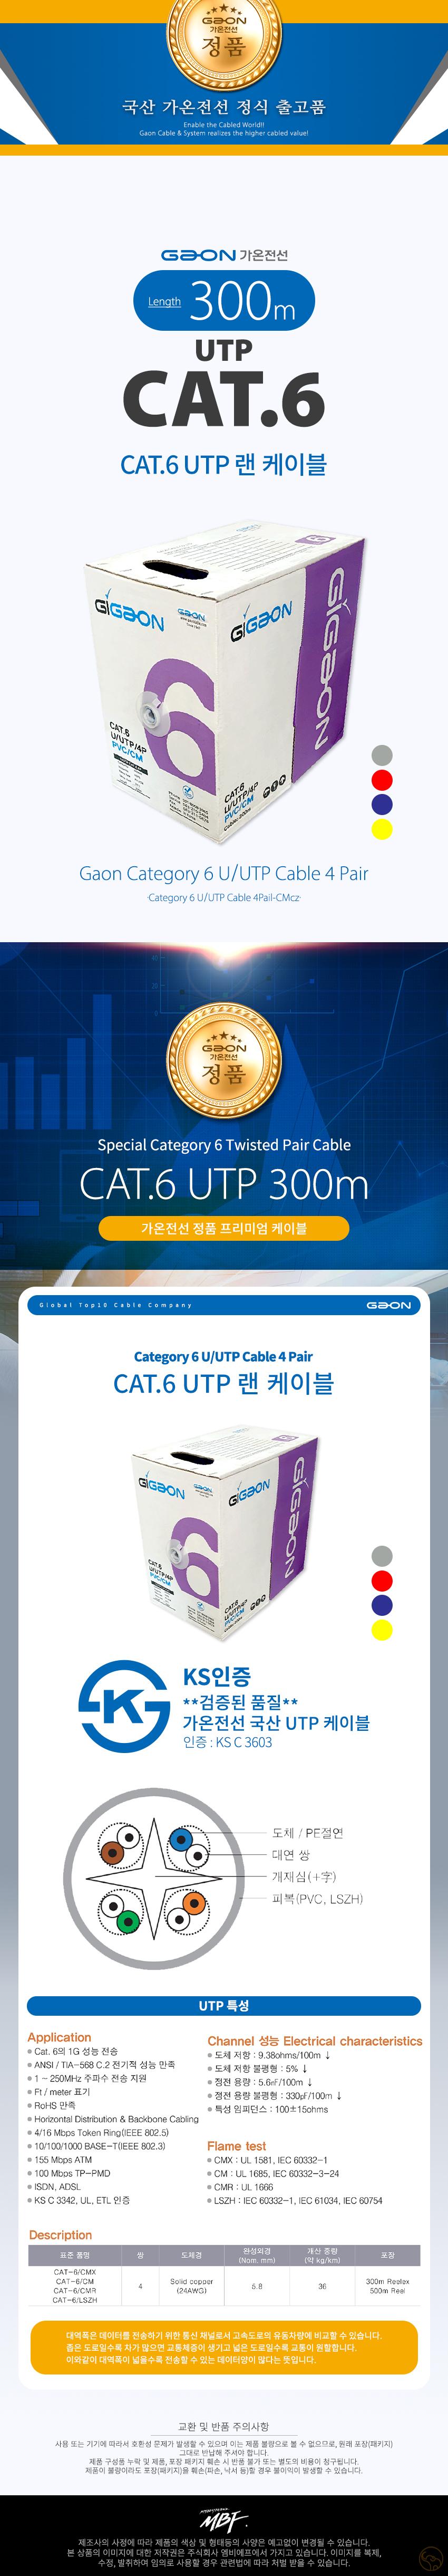 가온전선 CAT.6 UTP 랜케이블 (300m, 레드)